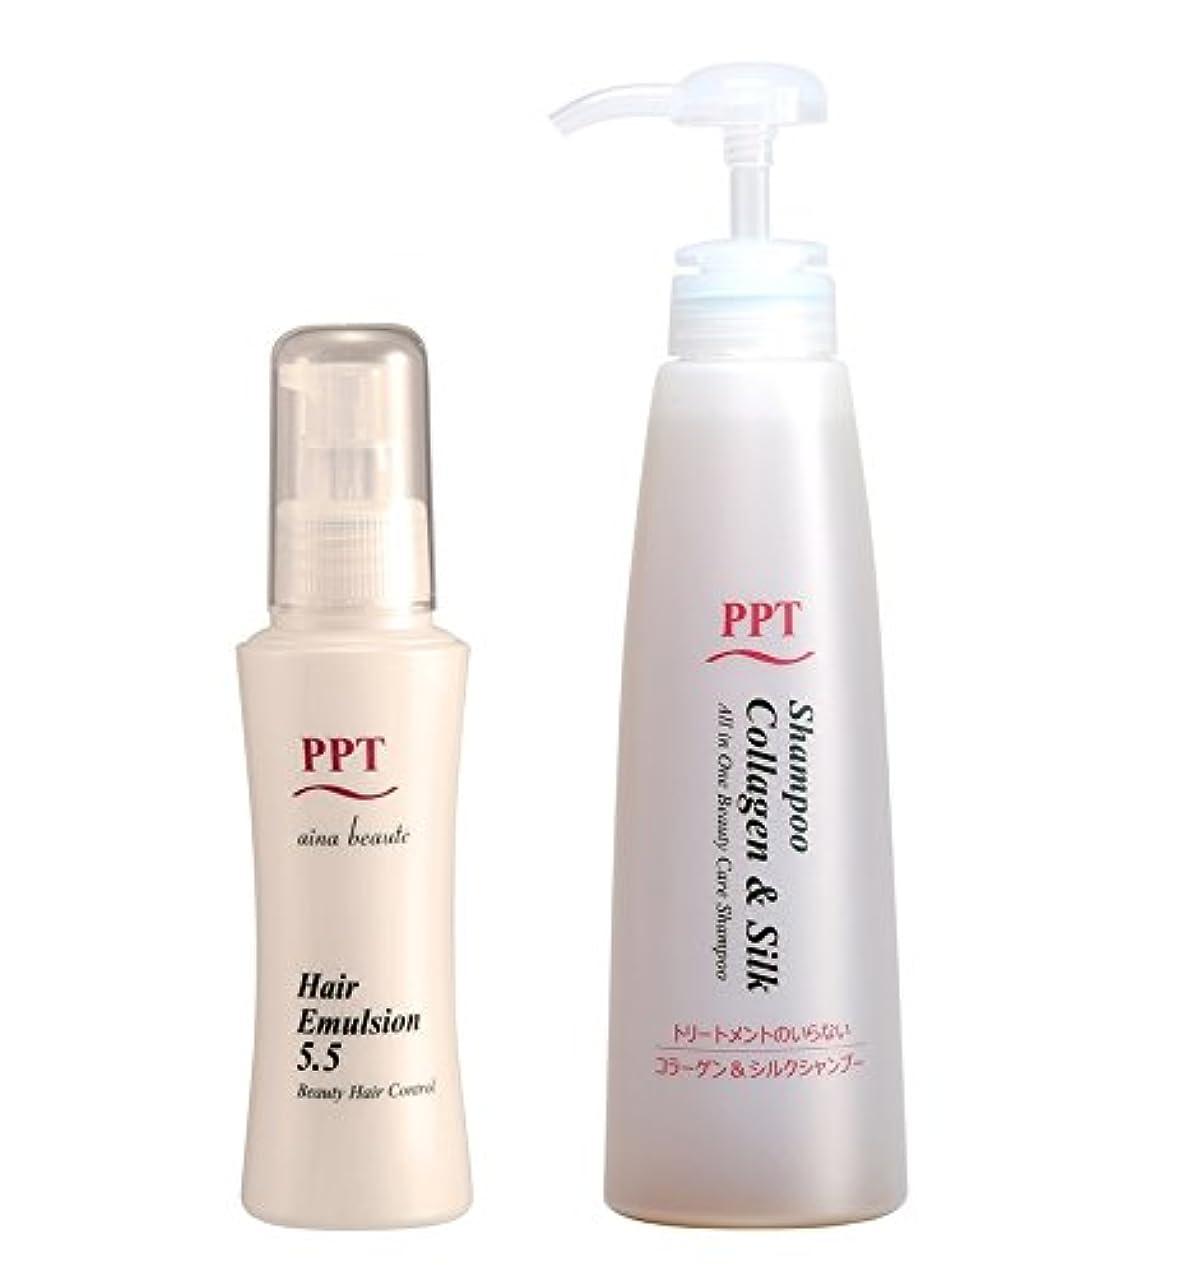 振幅続編移動トリートメント不要 PPTコラーゲン&シルクシャンプー乾燥肌~普通肌用(しっとり),PPTヘアエマルジョン5.5セット